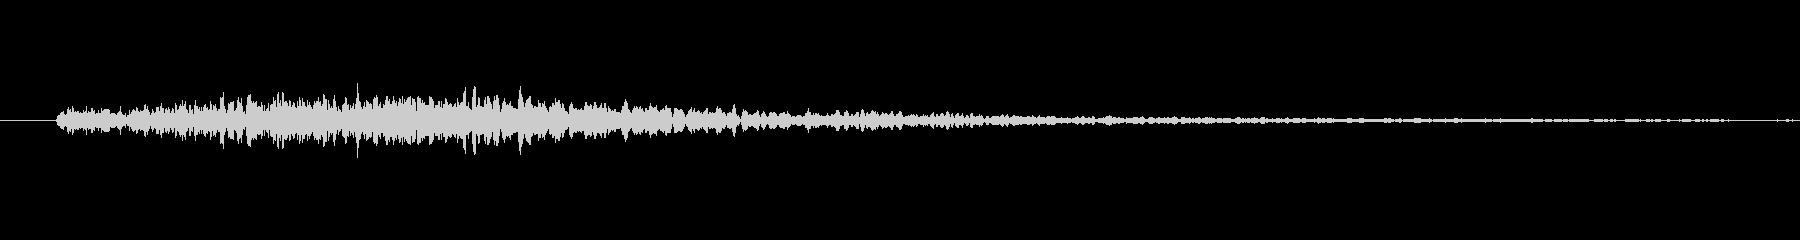 モンスターの鳴き声(低)の未再生の波形